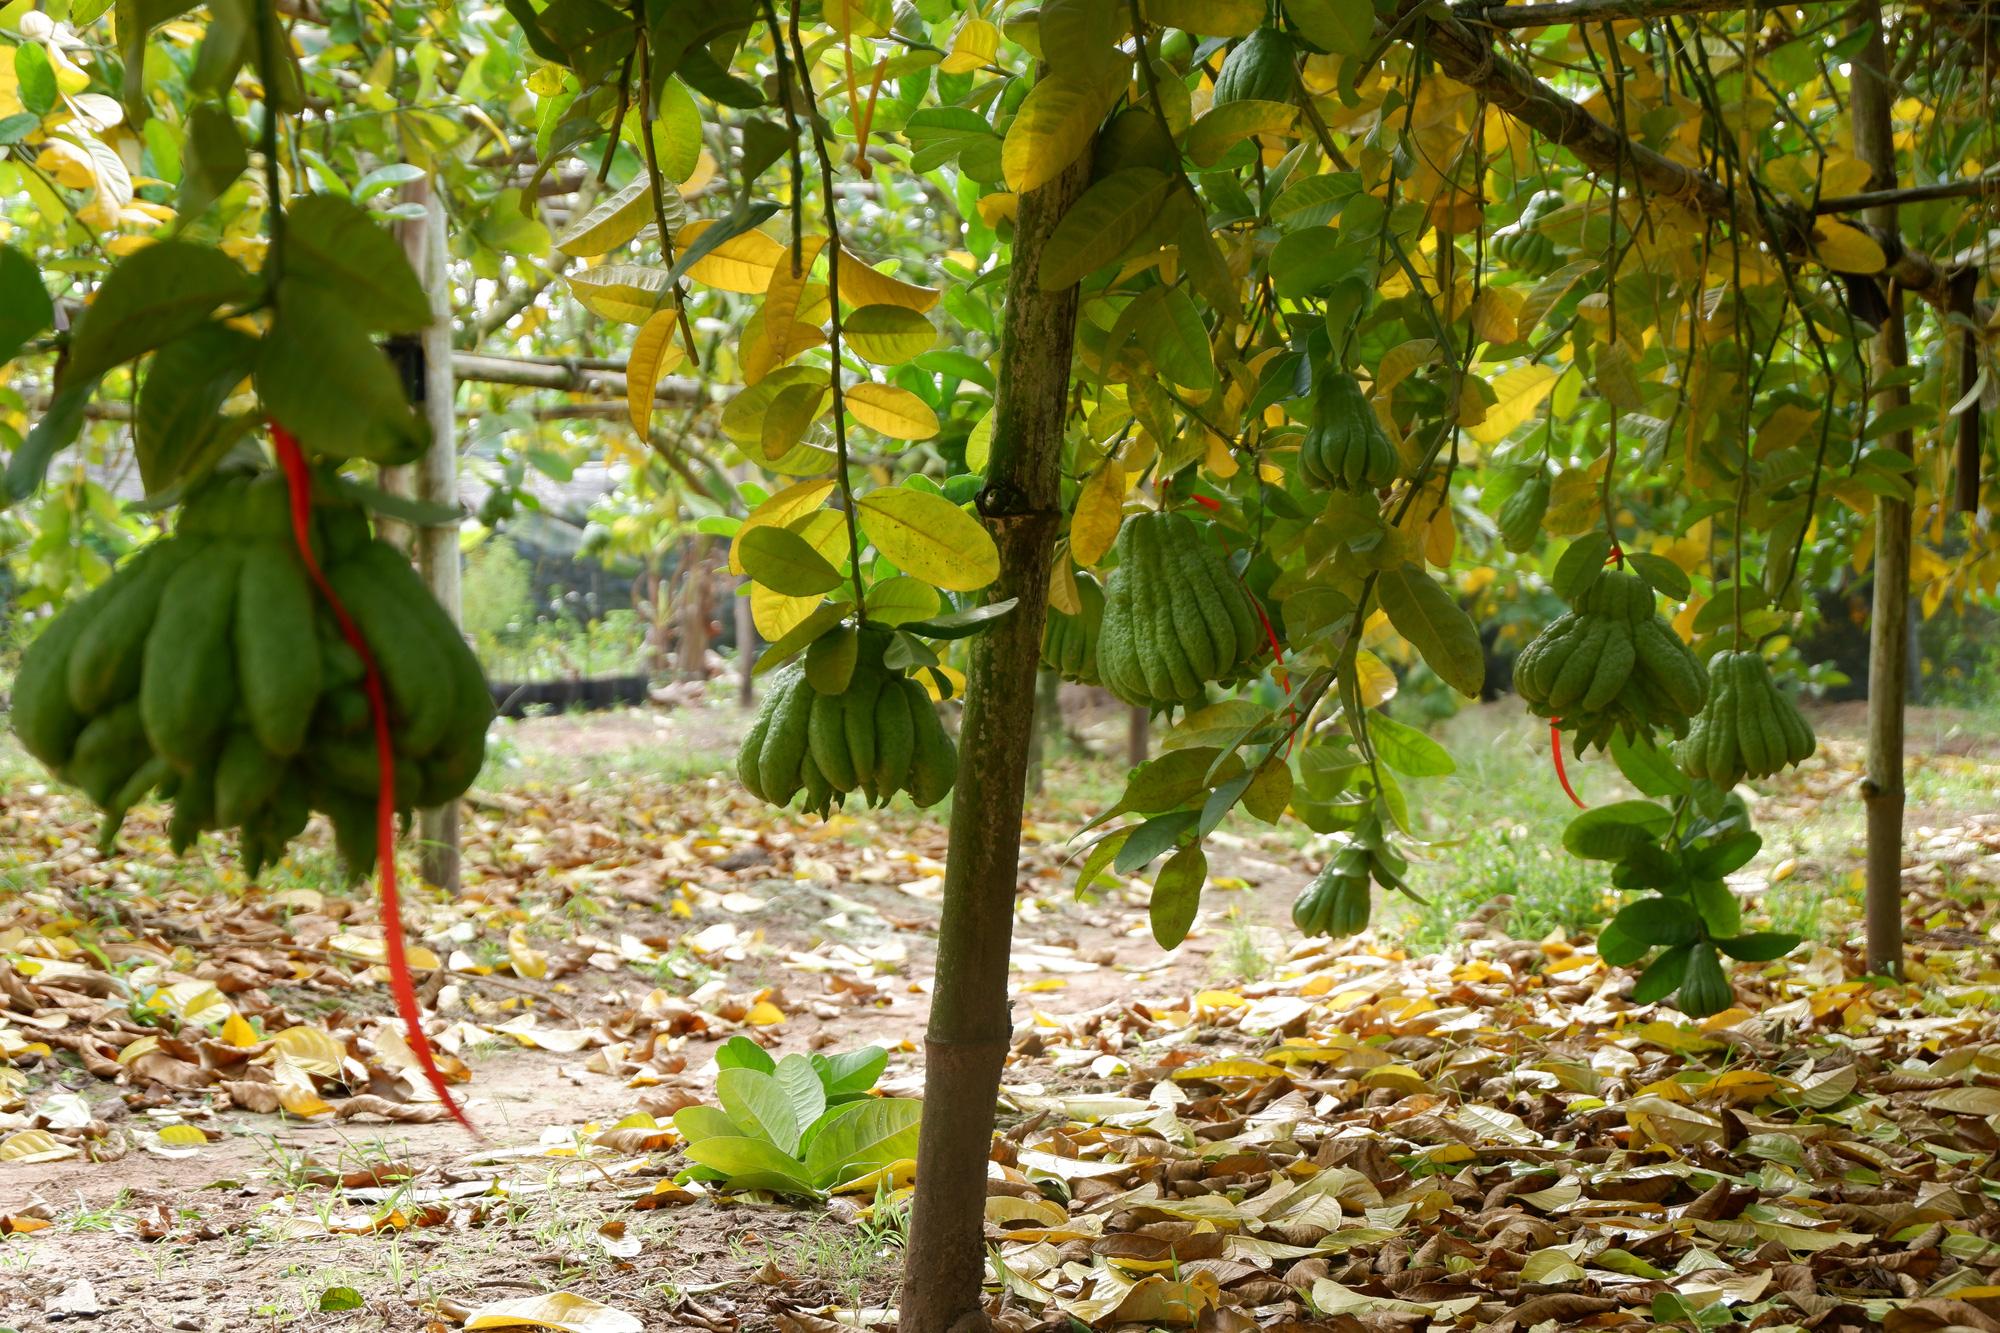 Hà Nội: Phật thủ được giá, bán 100.000 đồng/quả, nhiều nhà vườn ở Đắc Sở thu tiền tỷ - Ảnh 7.